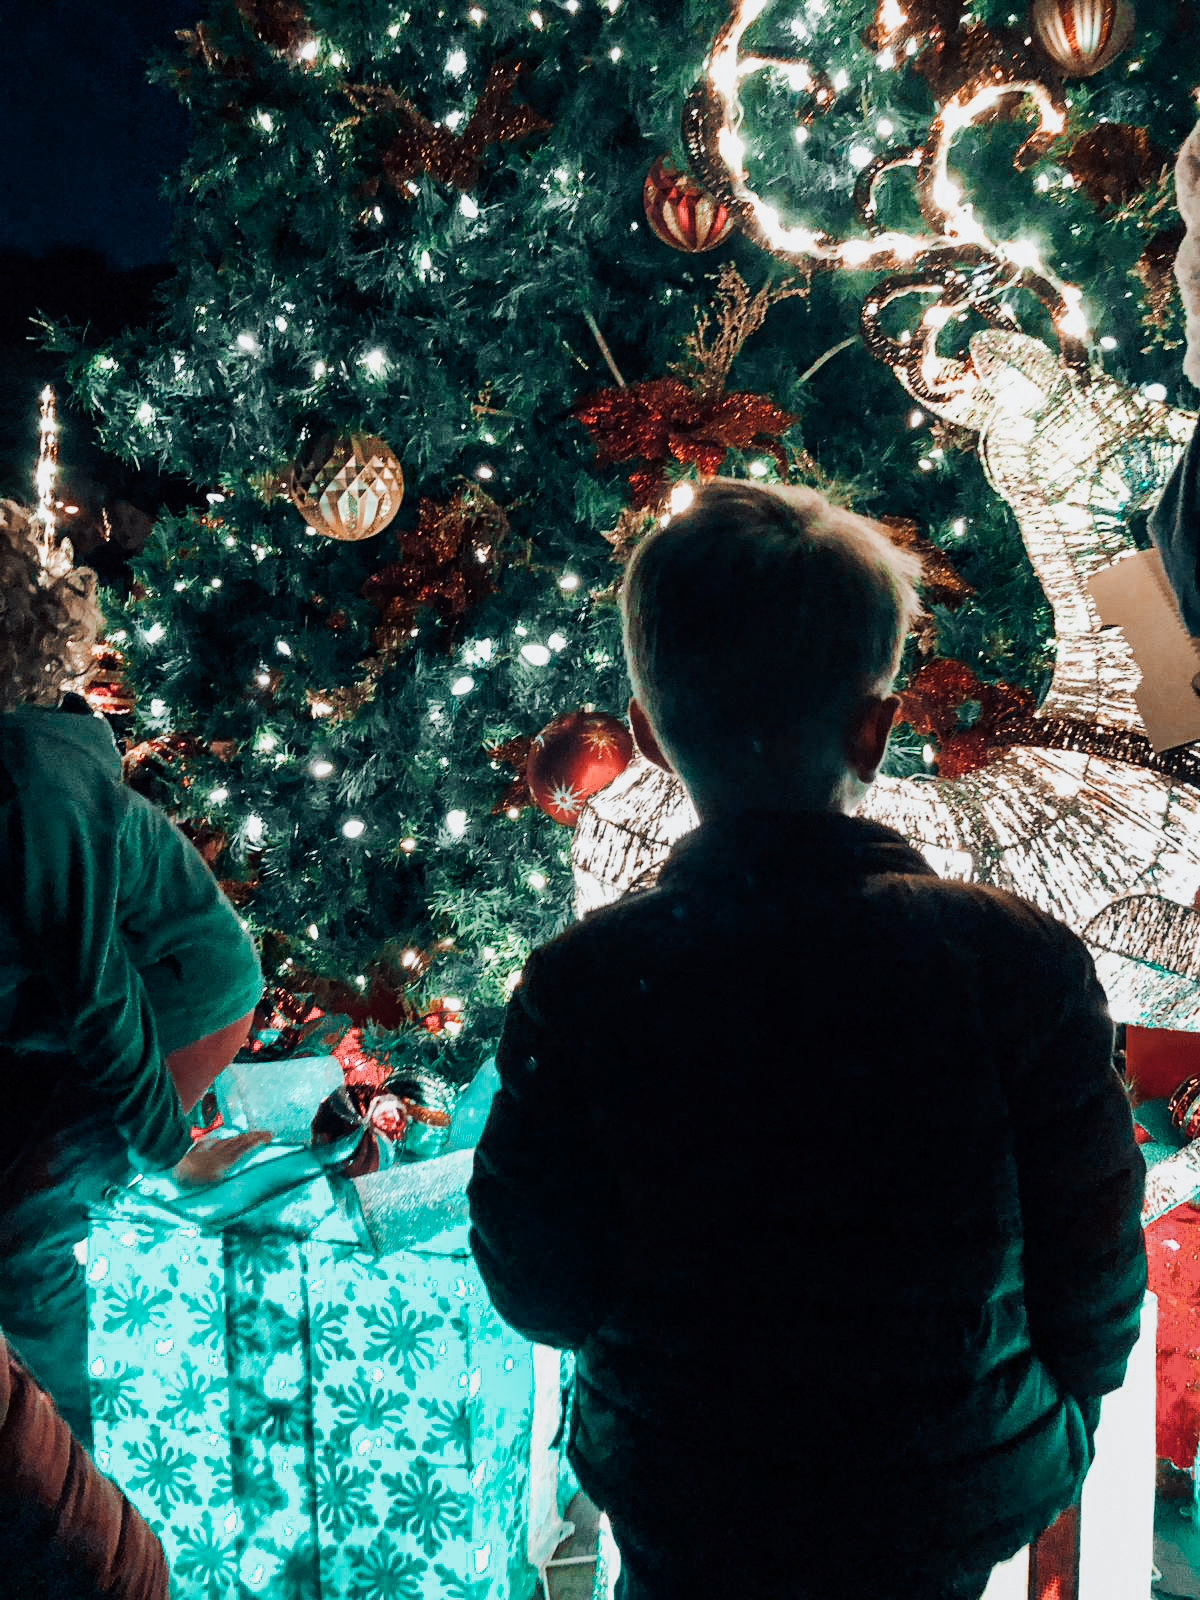 servino-tiburon-christmas-local-festive-family-time-19.jpg